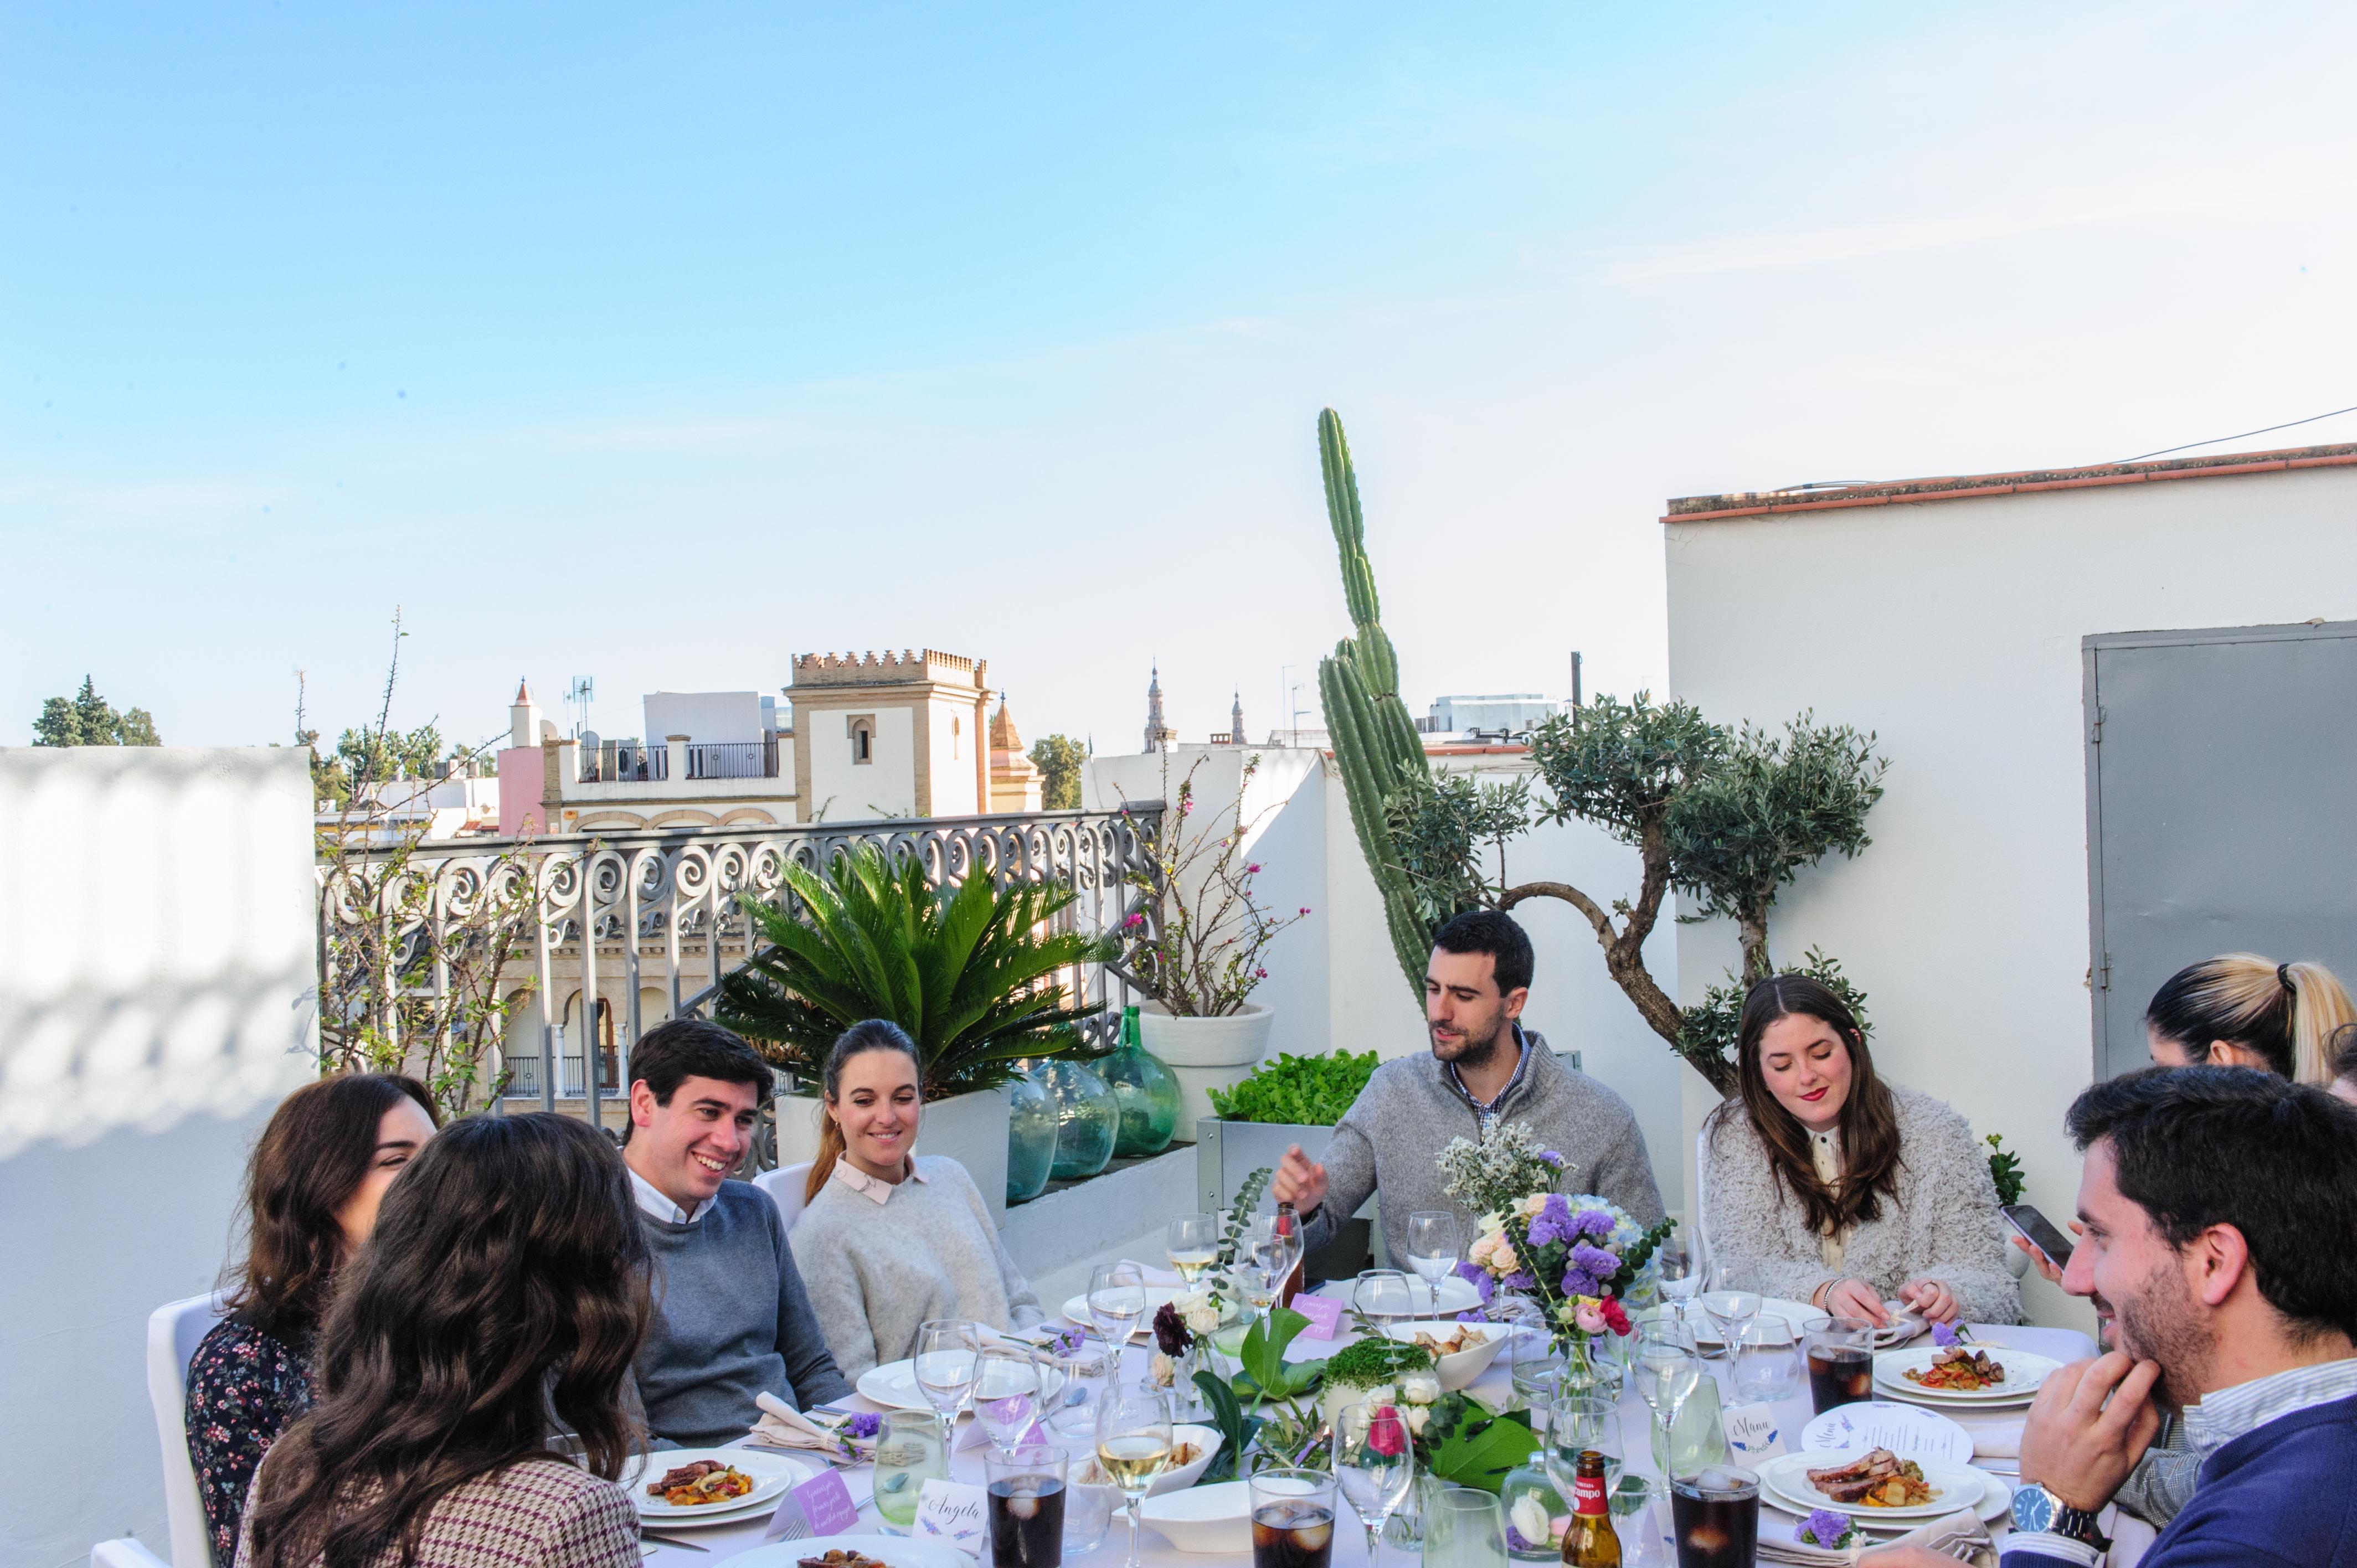 Comida de empresa de Navidad en Sevilla (Evento privado en De boda con Ángela)